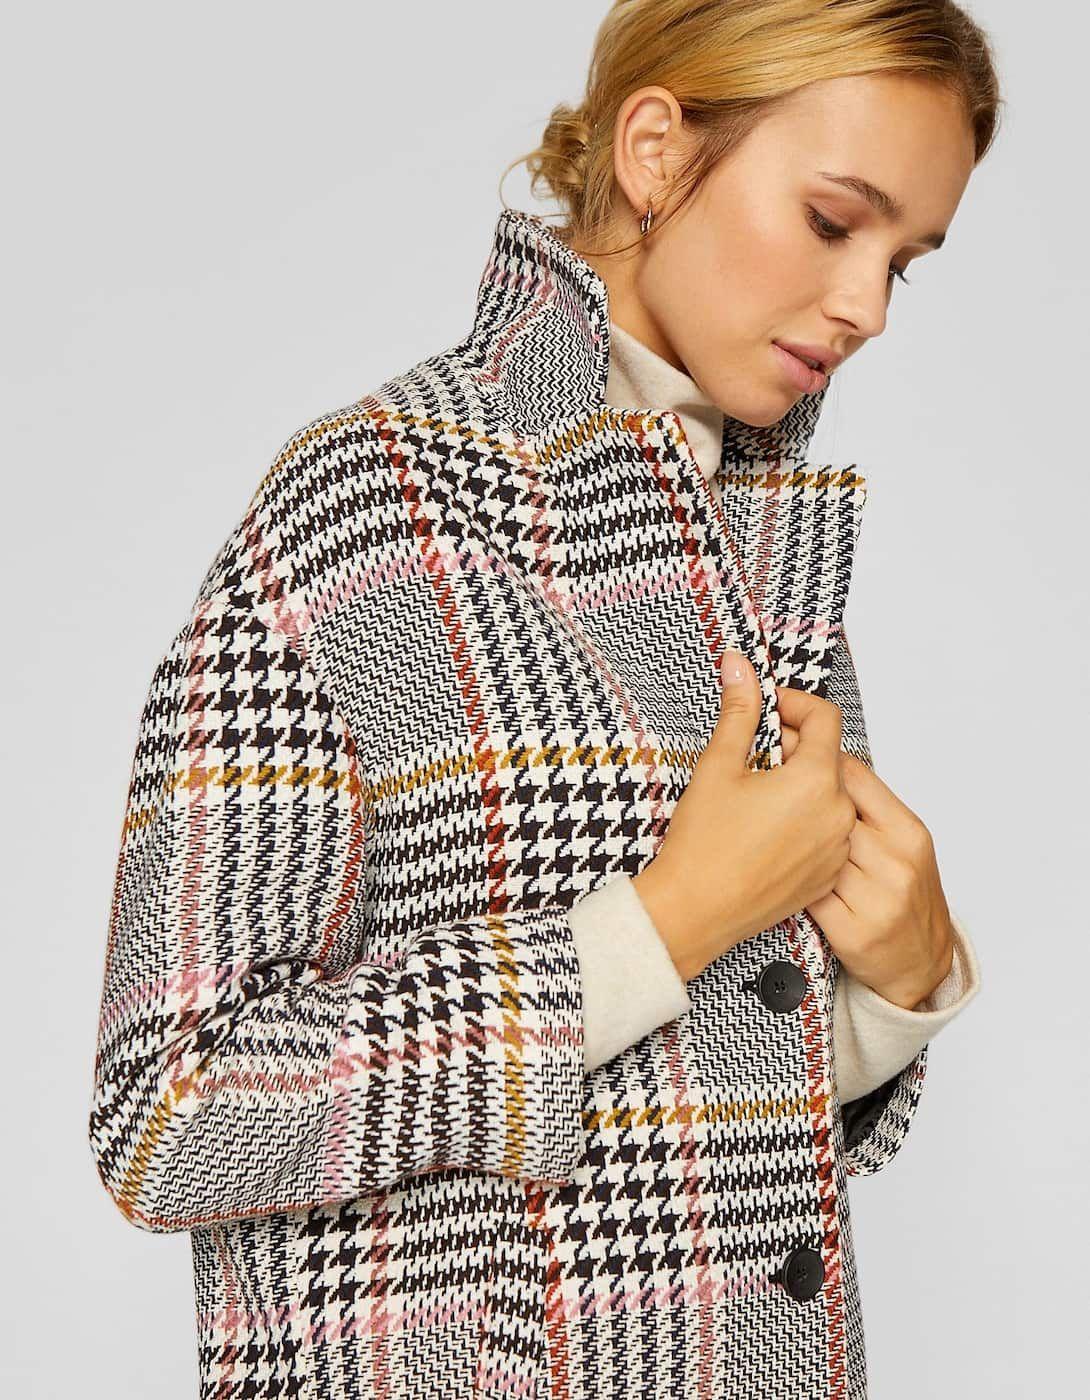 patrones de moda barato mejor valorado 100% originales Abrigo manga caida cuadros - Abrigos de mujer | Stradivarius ...